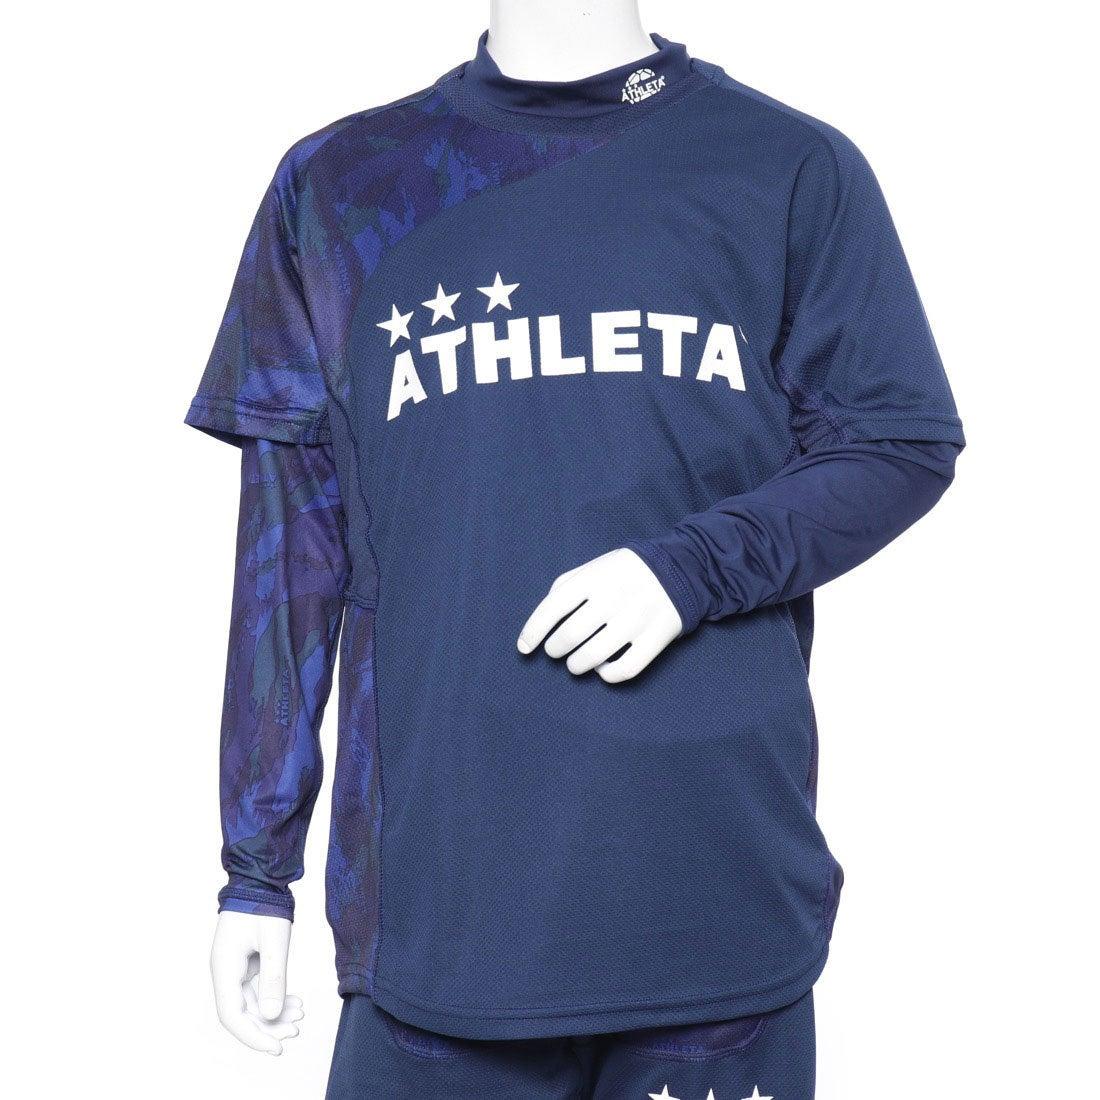 ロコンド 靴とファッションの通販サイトアスレタATHLETAジュニアサッカー/フットサルレイヤードシャツプラシャツインナーセット02299J